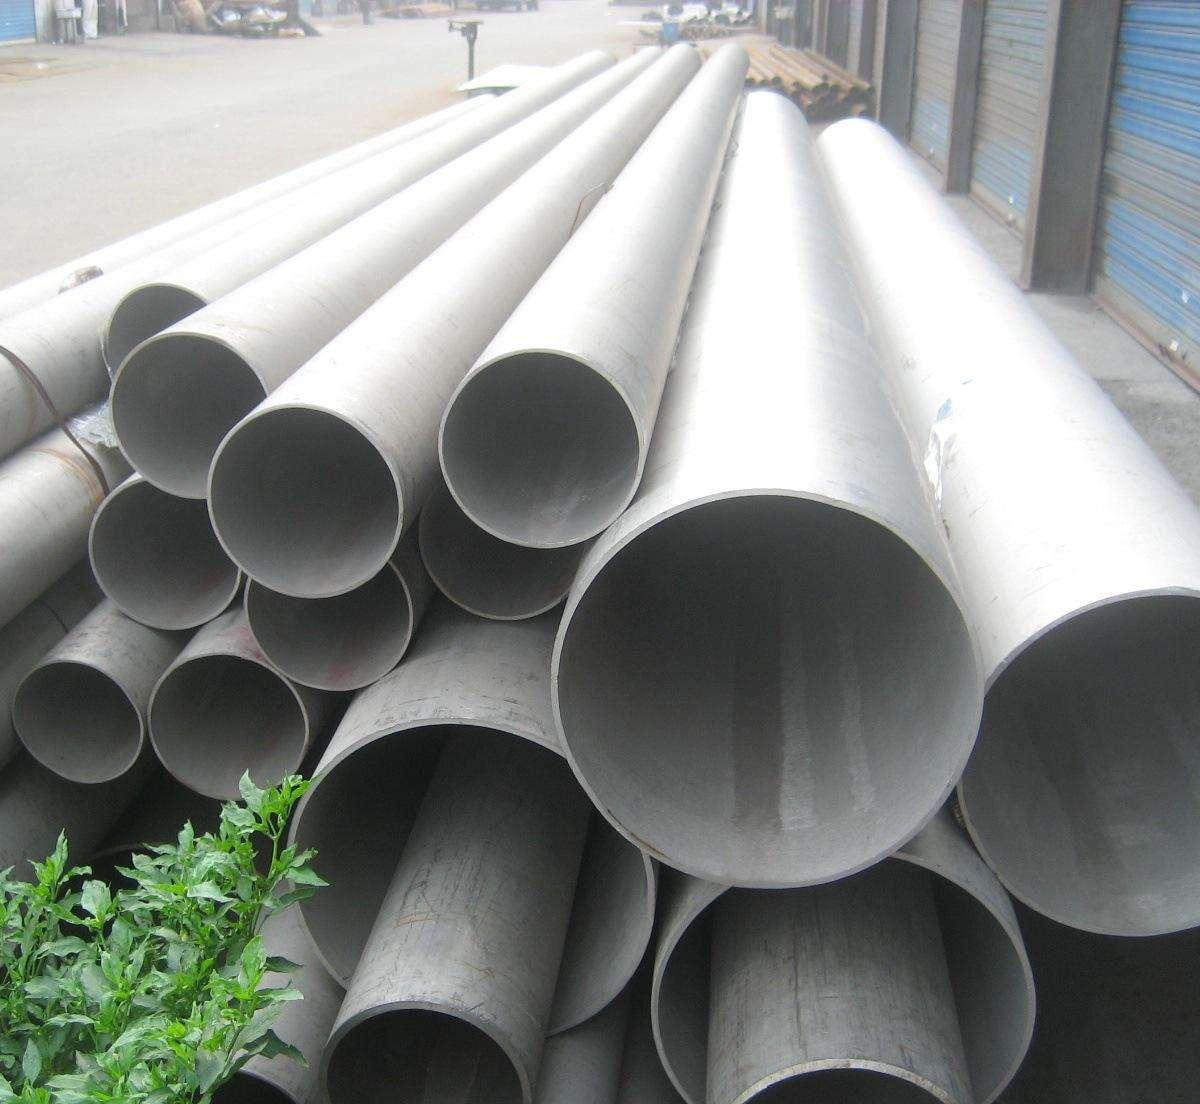 供应不锈钢管 不锈钢管厂家 不锈钢管供应商 不锈钢管价格